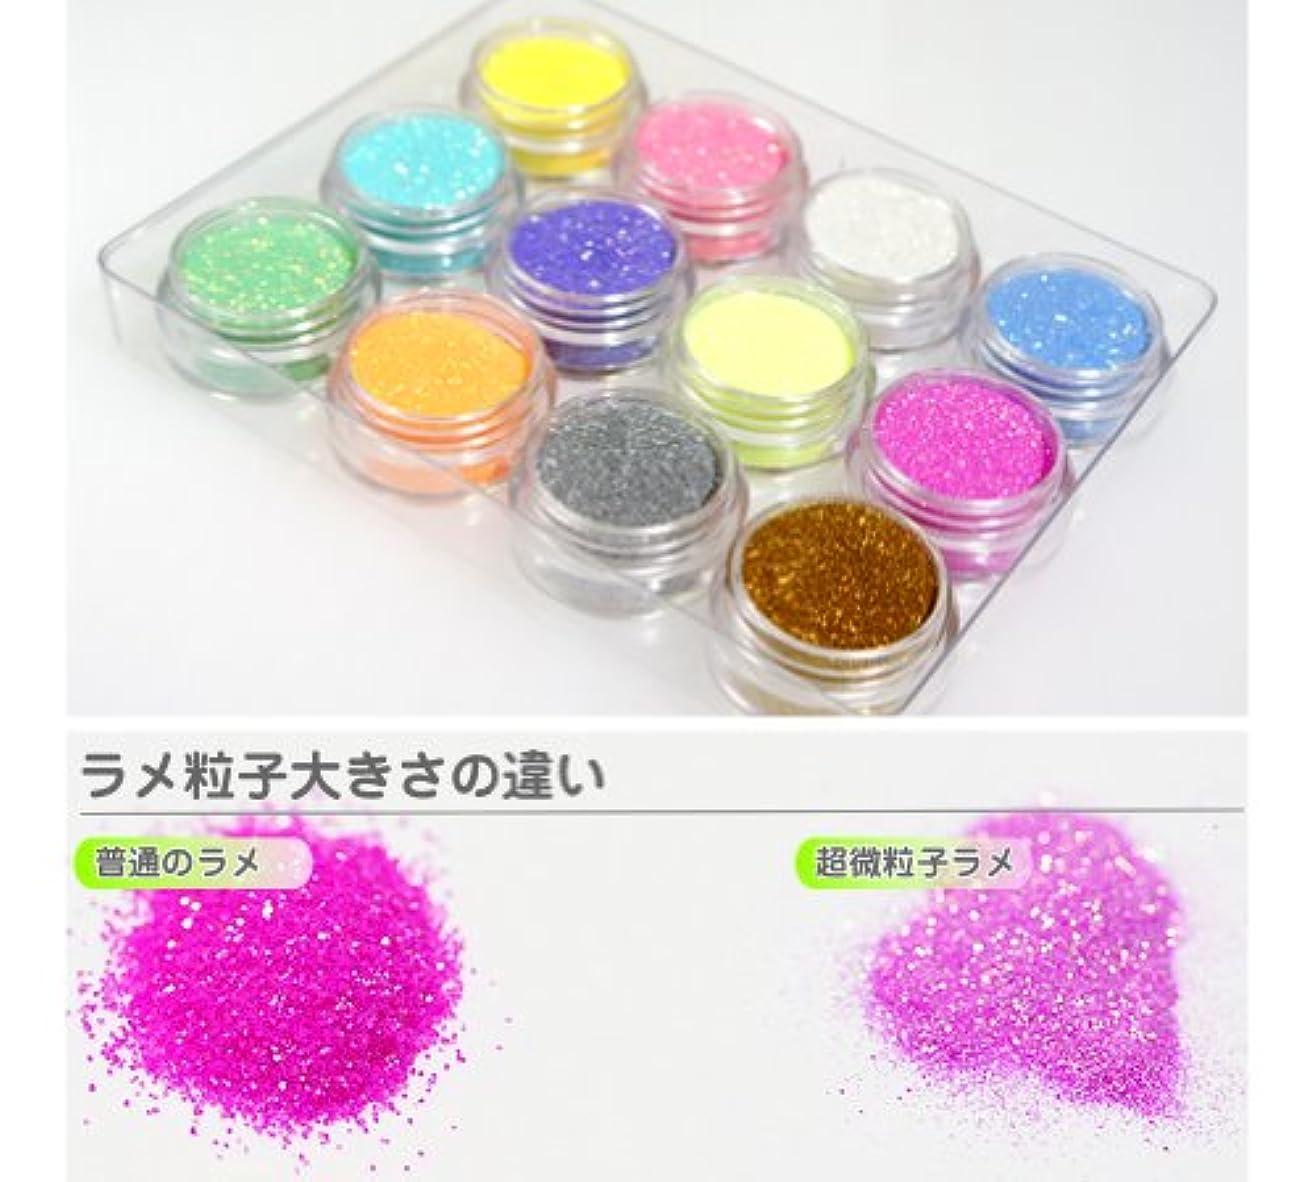 可動引っ張る不公平ネオコレクションオリジナル☆超微粒子ラメパウダー0.1mm、砂のようにサラサラで抜群の発色 ジェルネイルアートに!